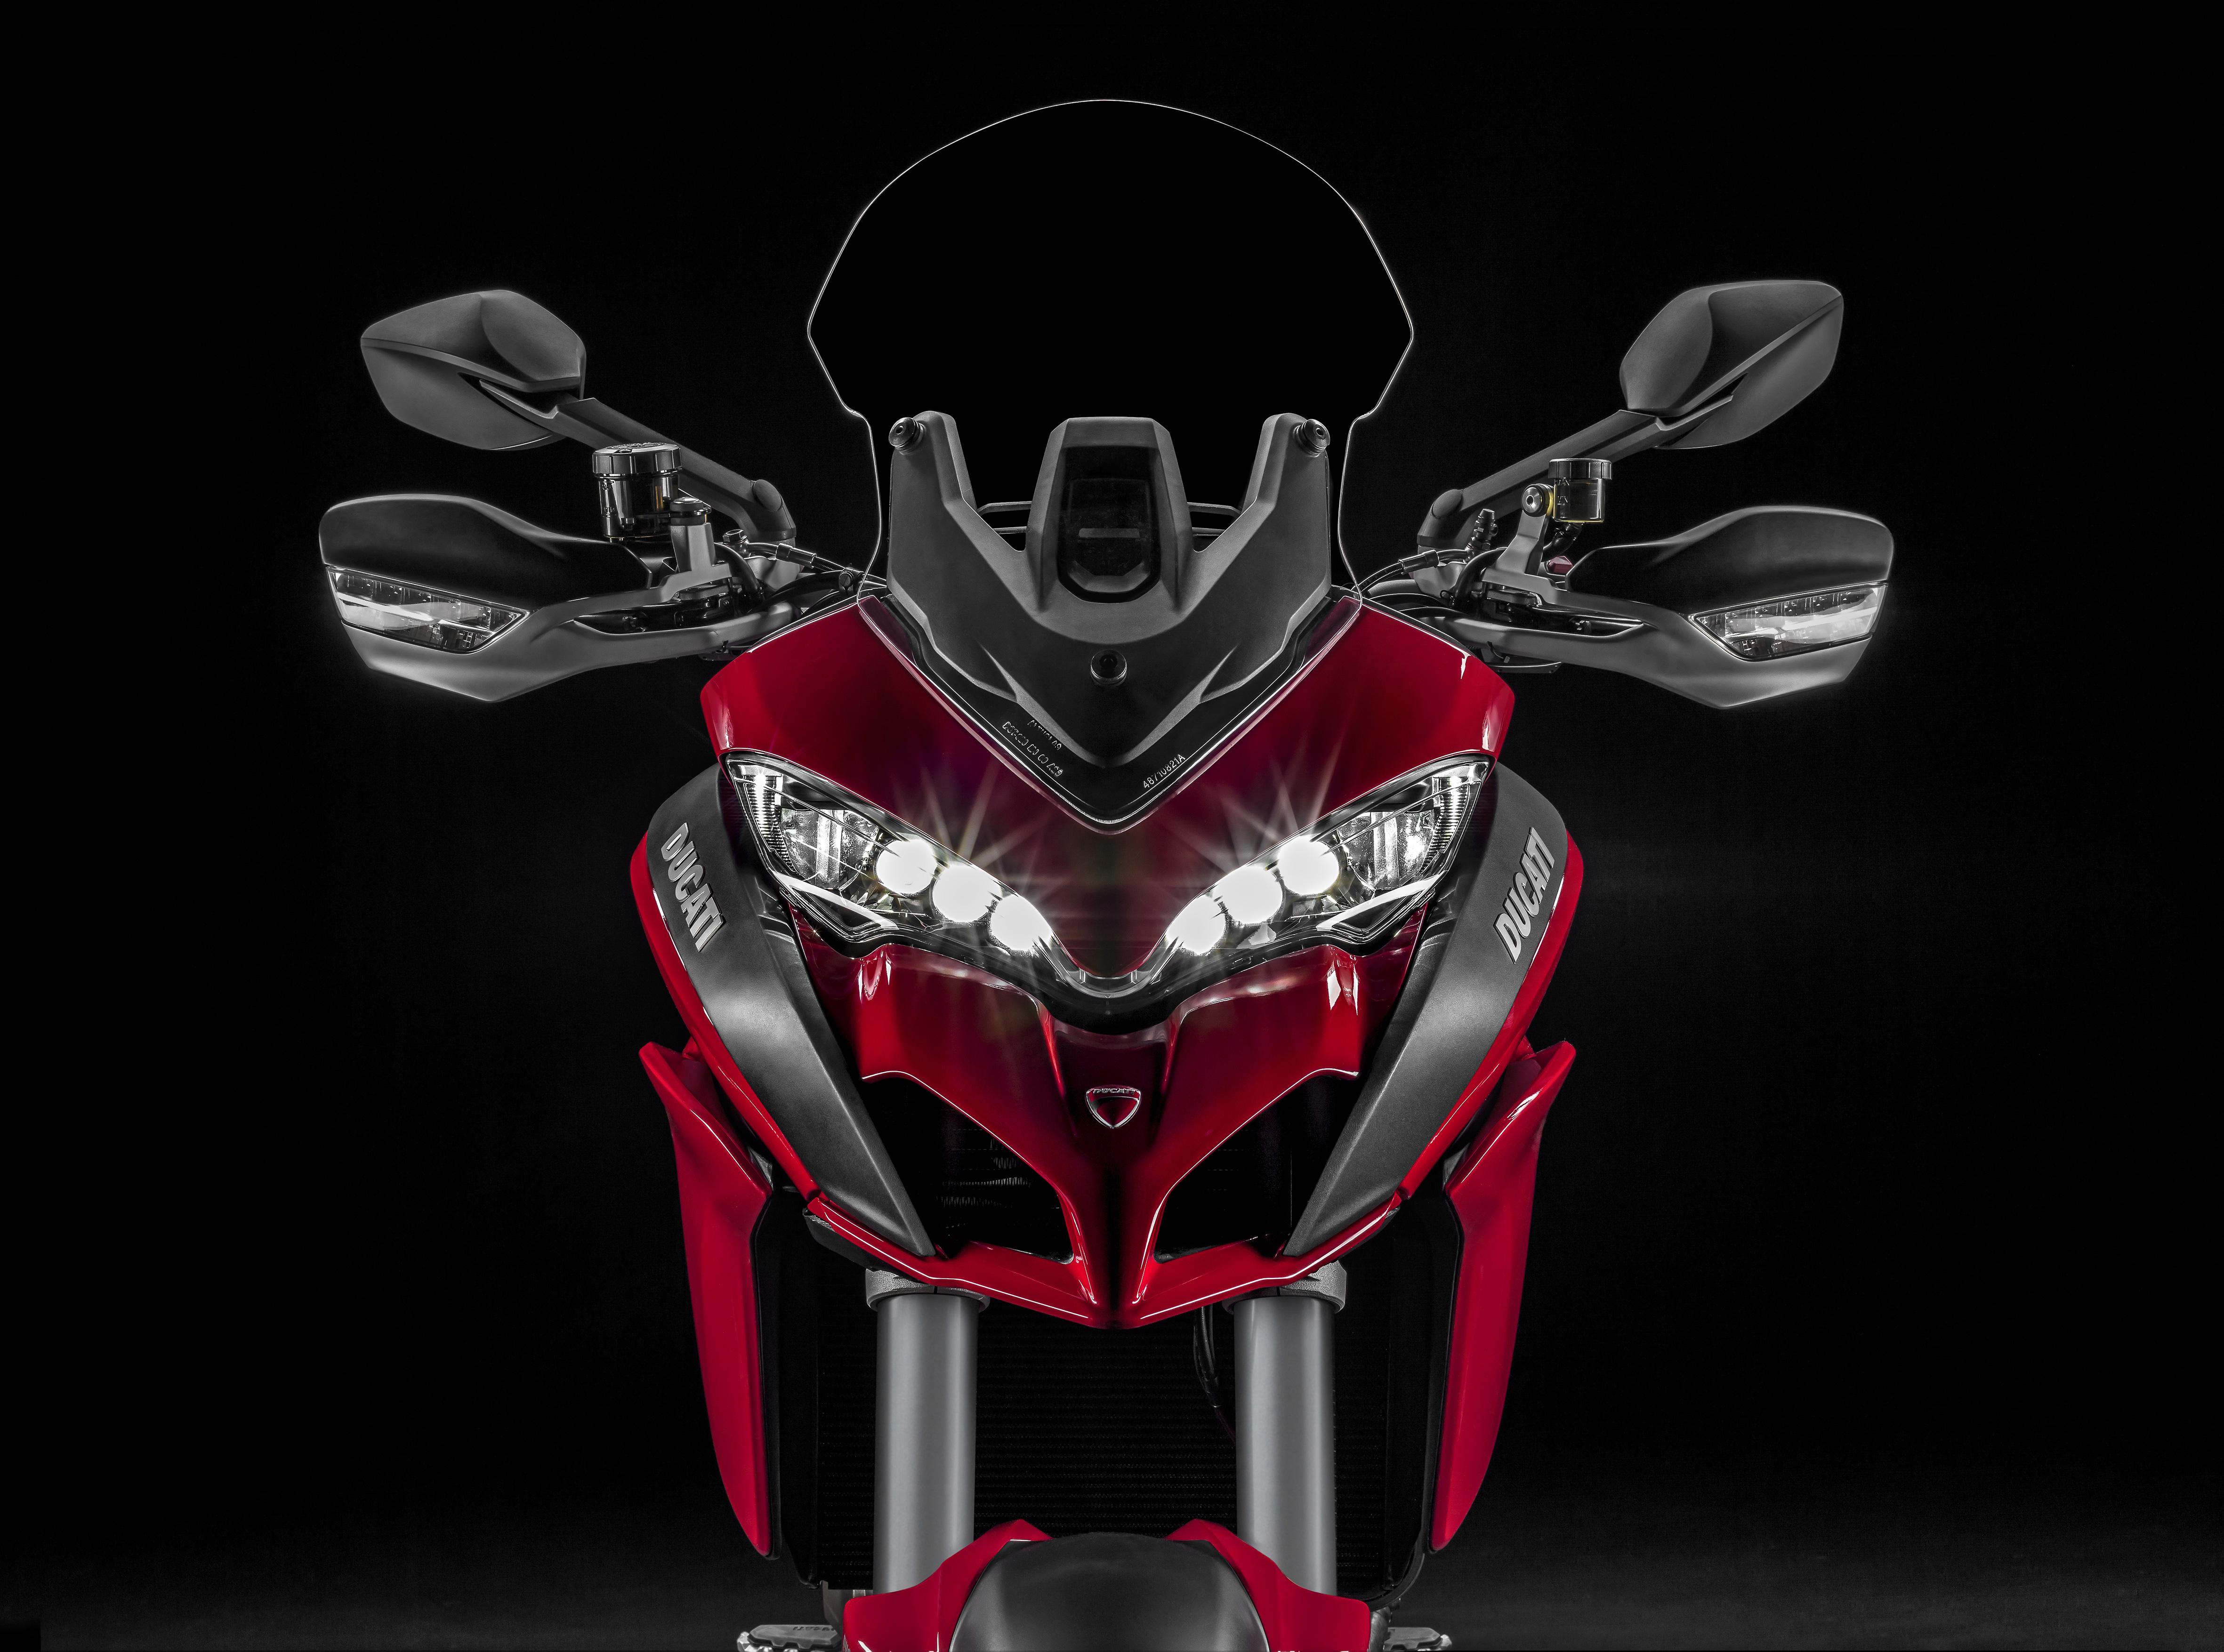 Ducati Multistrada 1200s Hd Bikes 4k Wallpapers Images